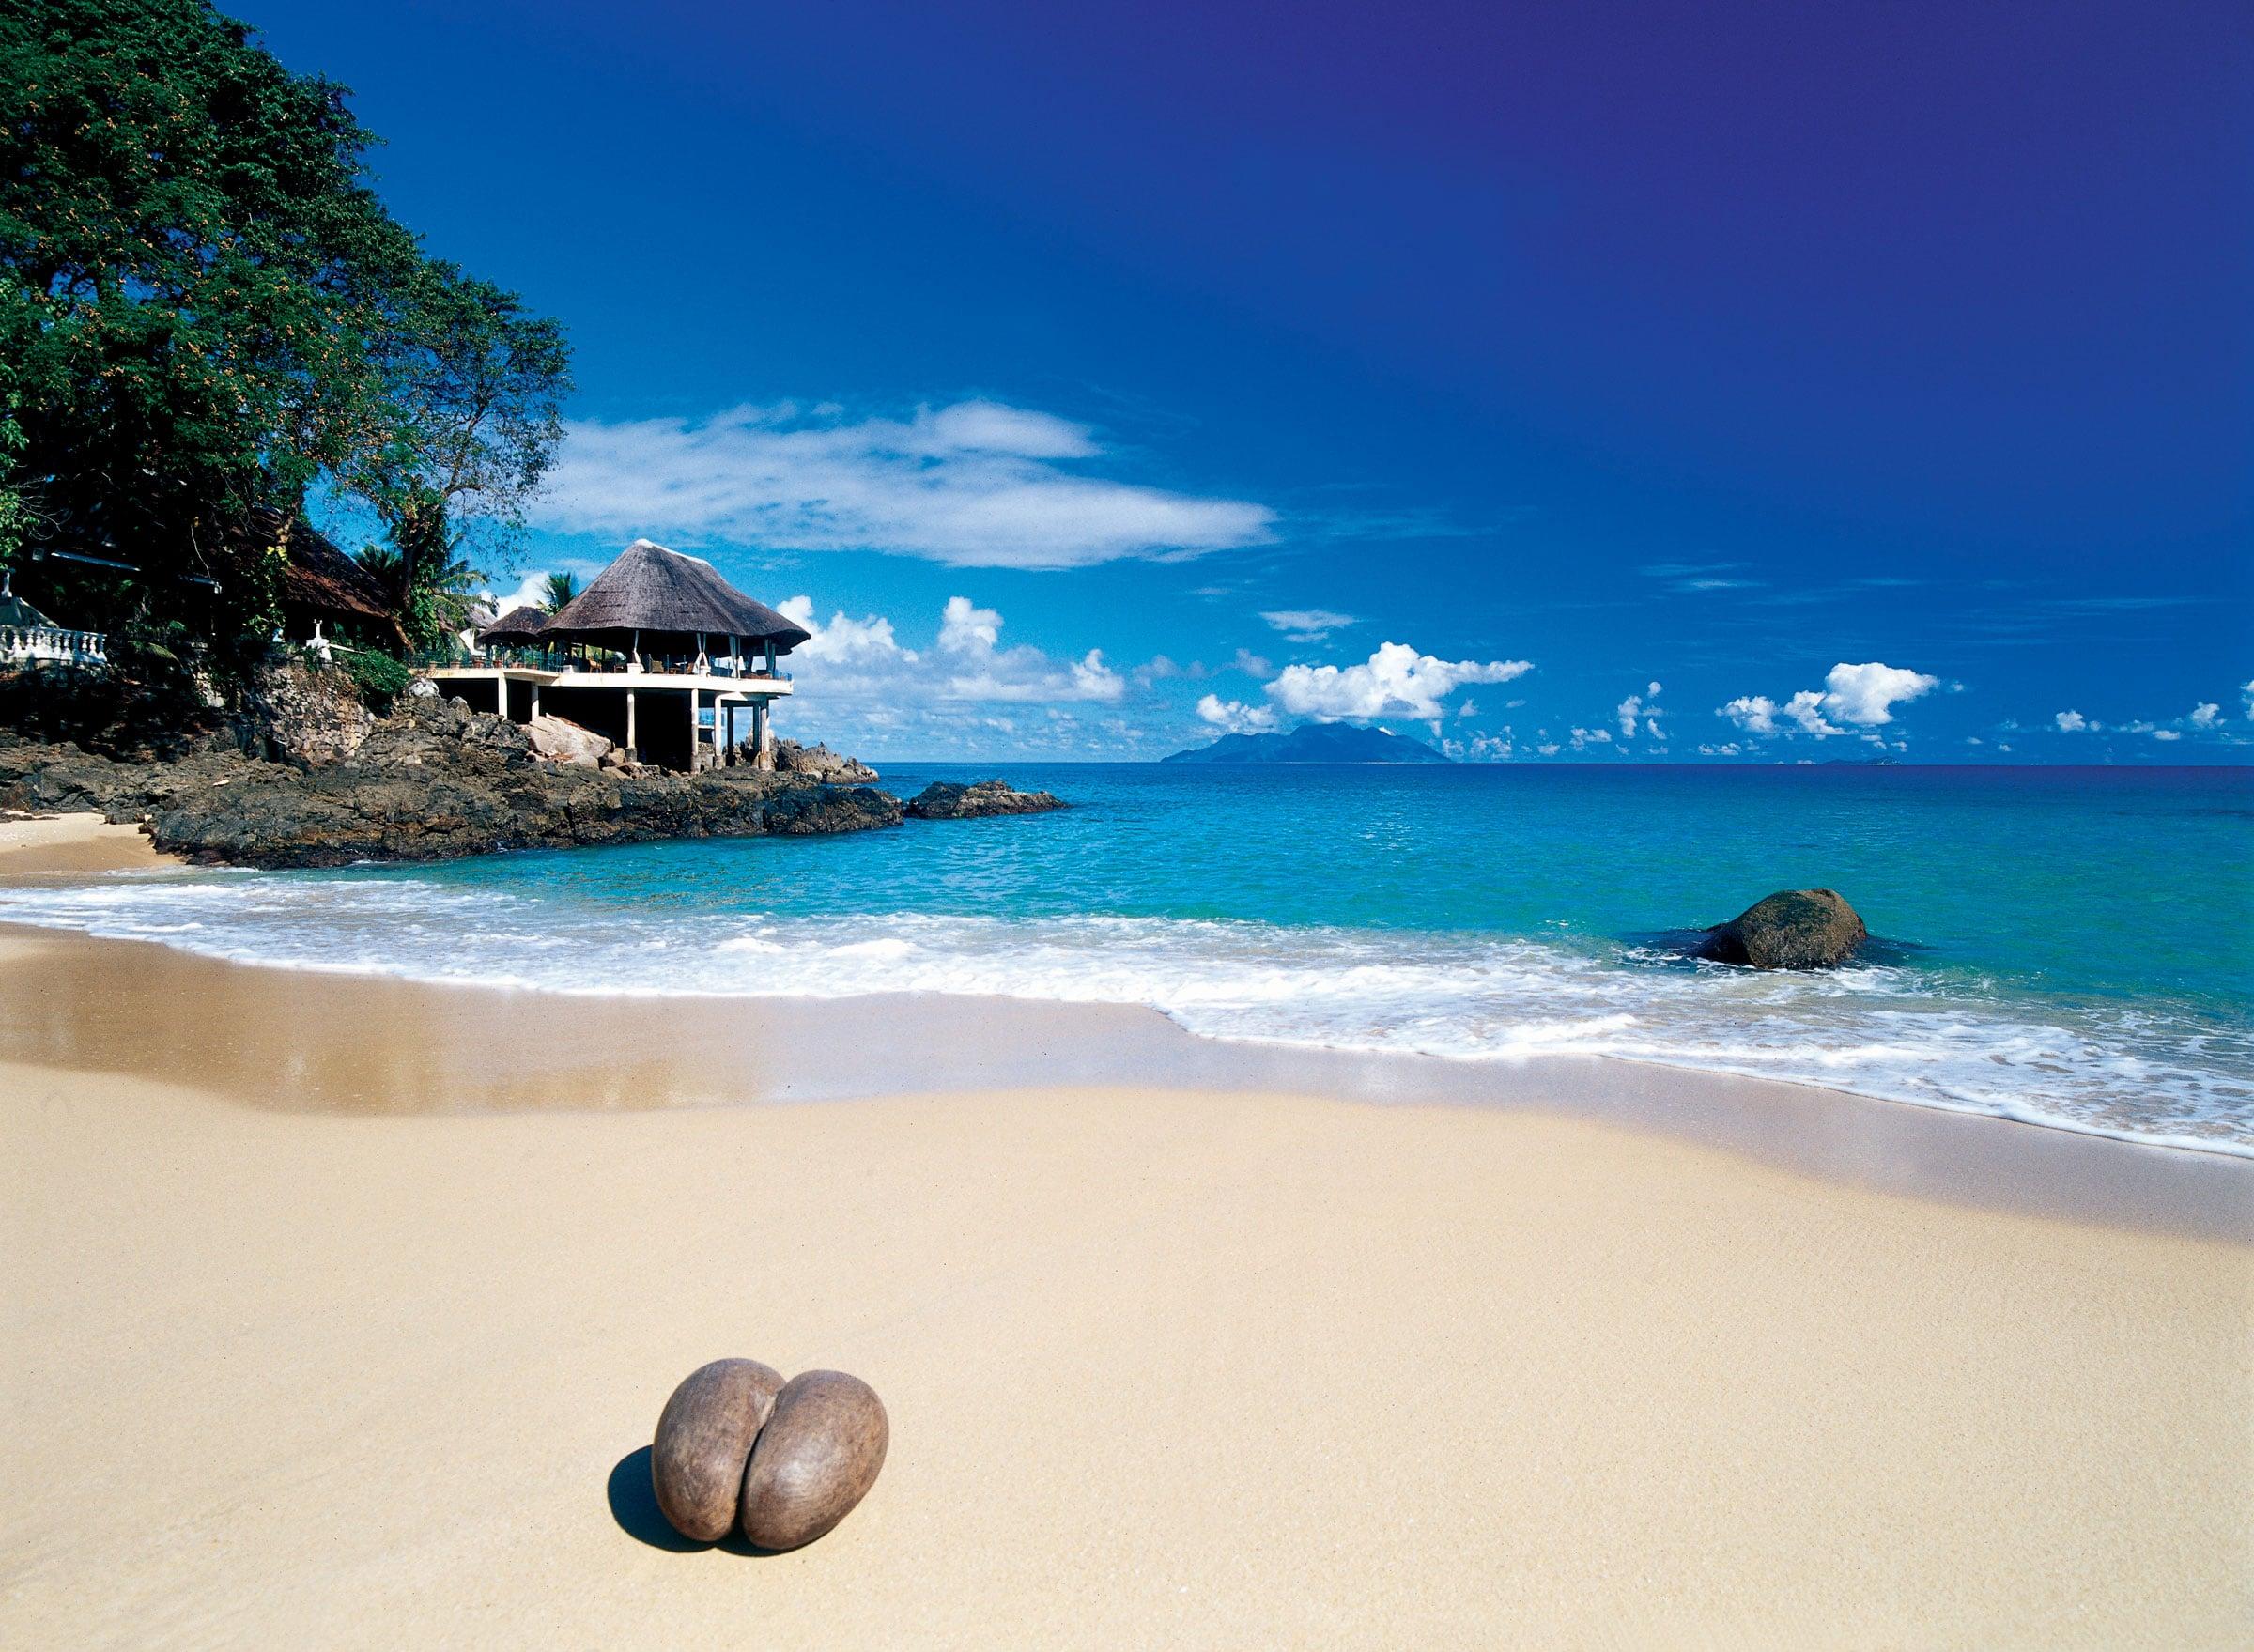 Rondreizen Zuid-Afrika Seychellen - Strand Sunset Beach Hotel, het hele jaar goed strandweer